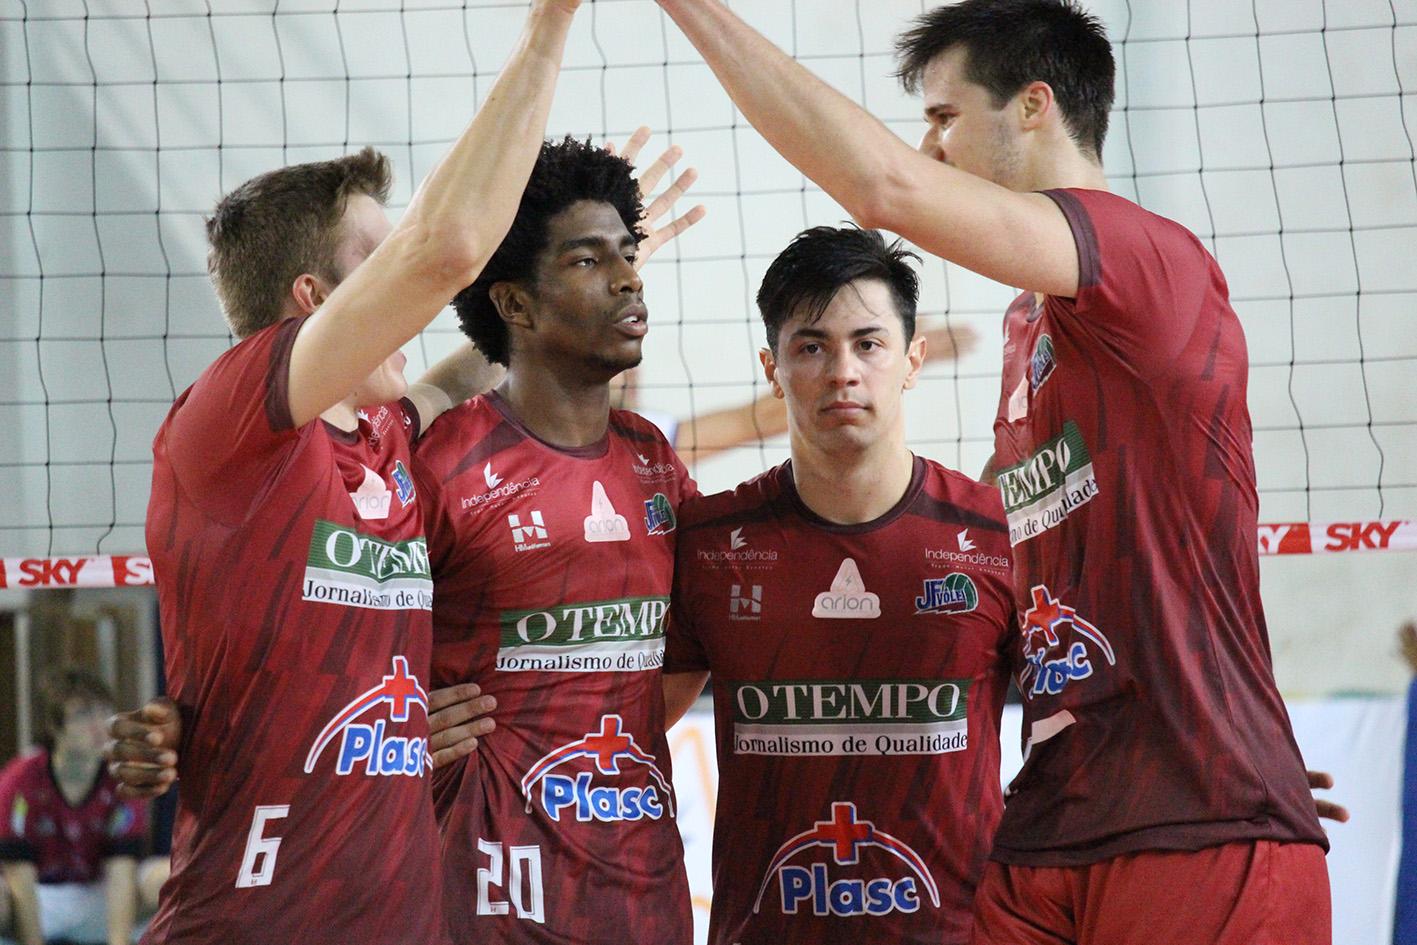 JF Vôlei volta a vencer com autoridade – 3 sets a 0 sobre Bento – e já está em quinto lugar na Superliga